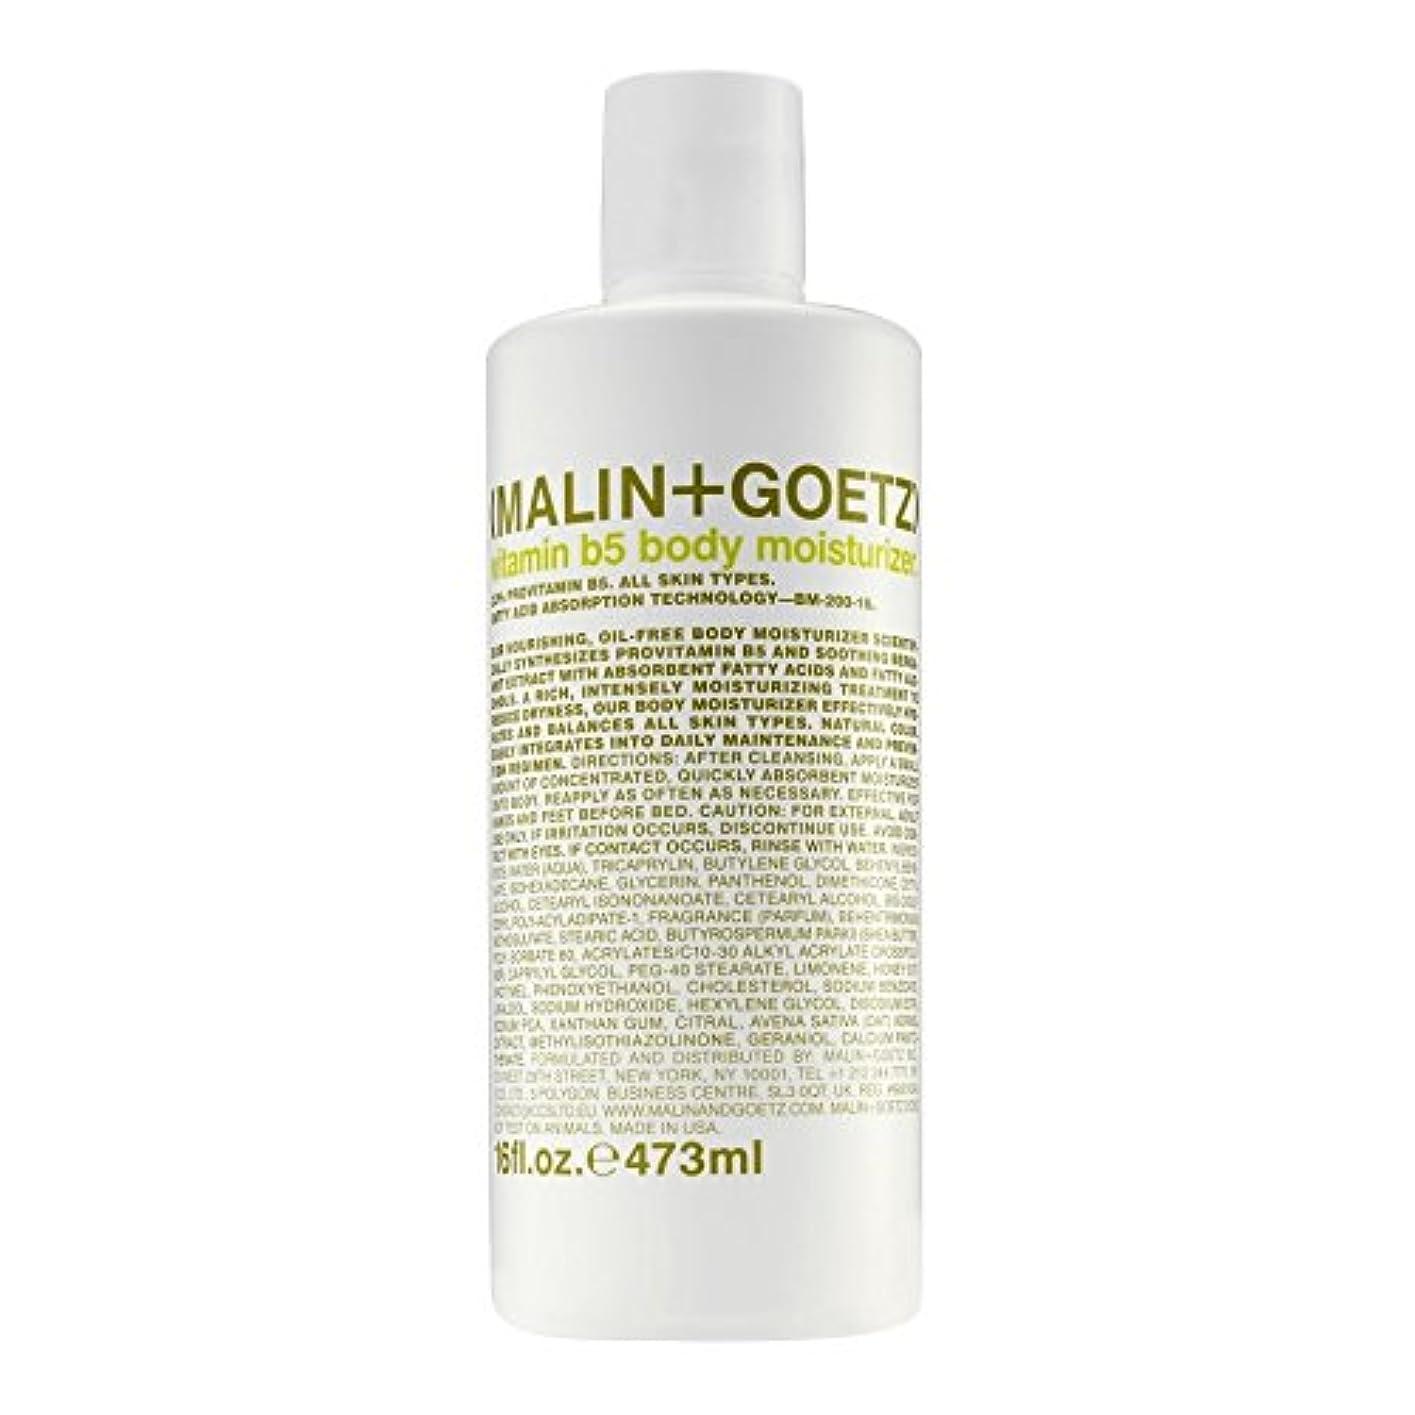 落胆する儀式空虚マリン+ゲッツビタミン5ボディモイスチャライザーの473ミリリットル x4 - MALIN+GOETZ Vitamin B5 Body Moisturiser 473ml (Pack of 4) [並行輸入品]